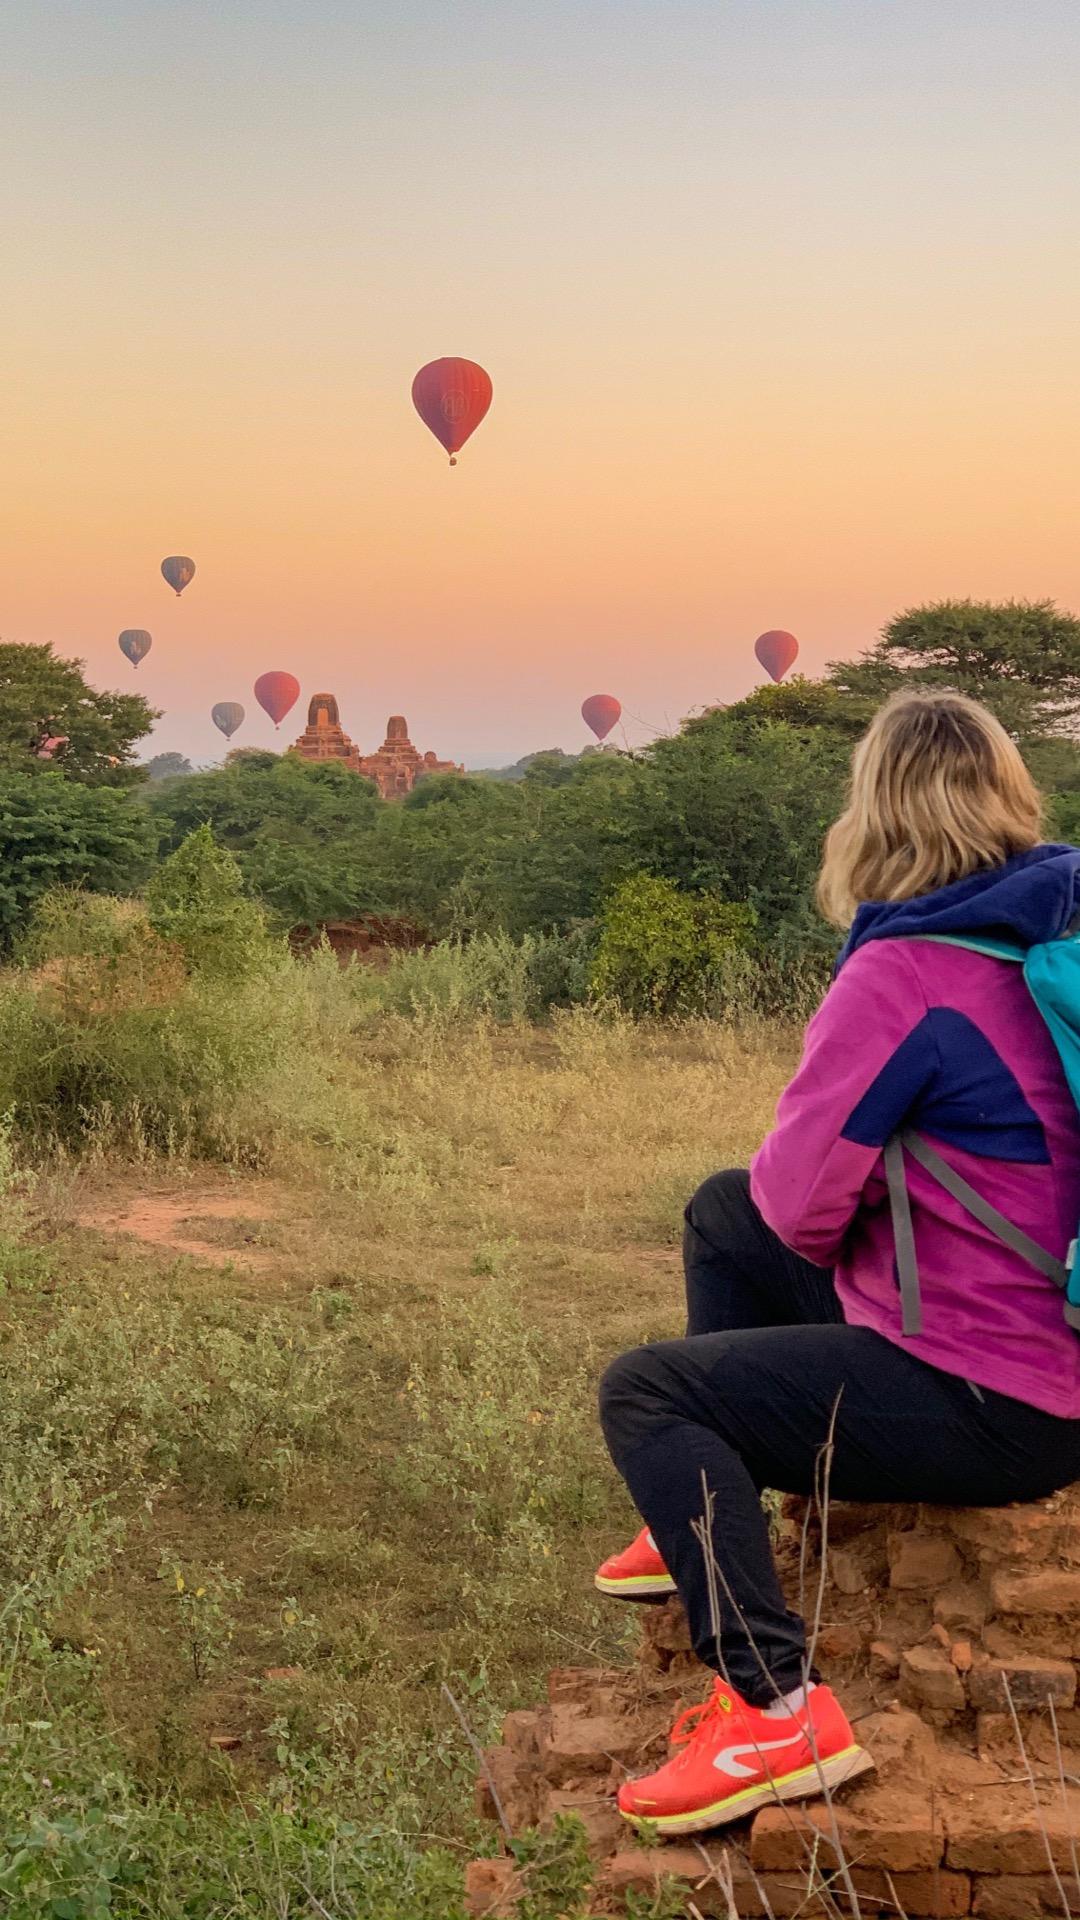 les montgolfieres qui s'envolent à Bagan